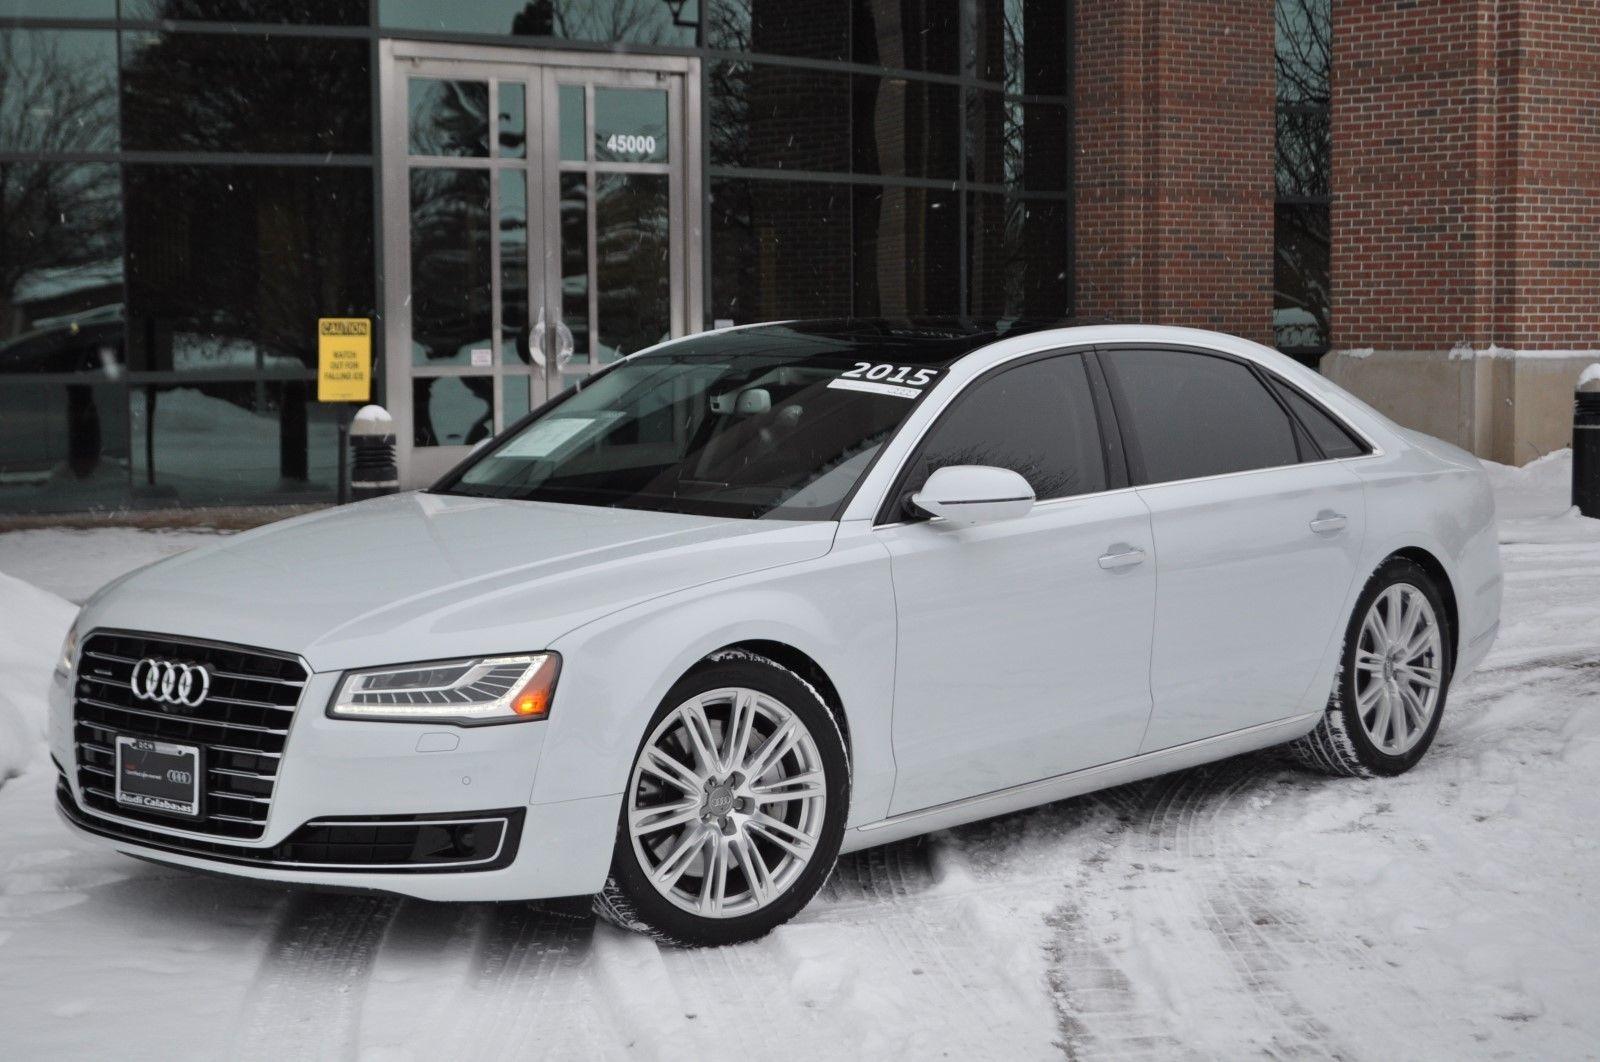 Audi 2015 A8 White